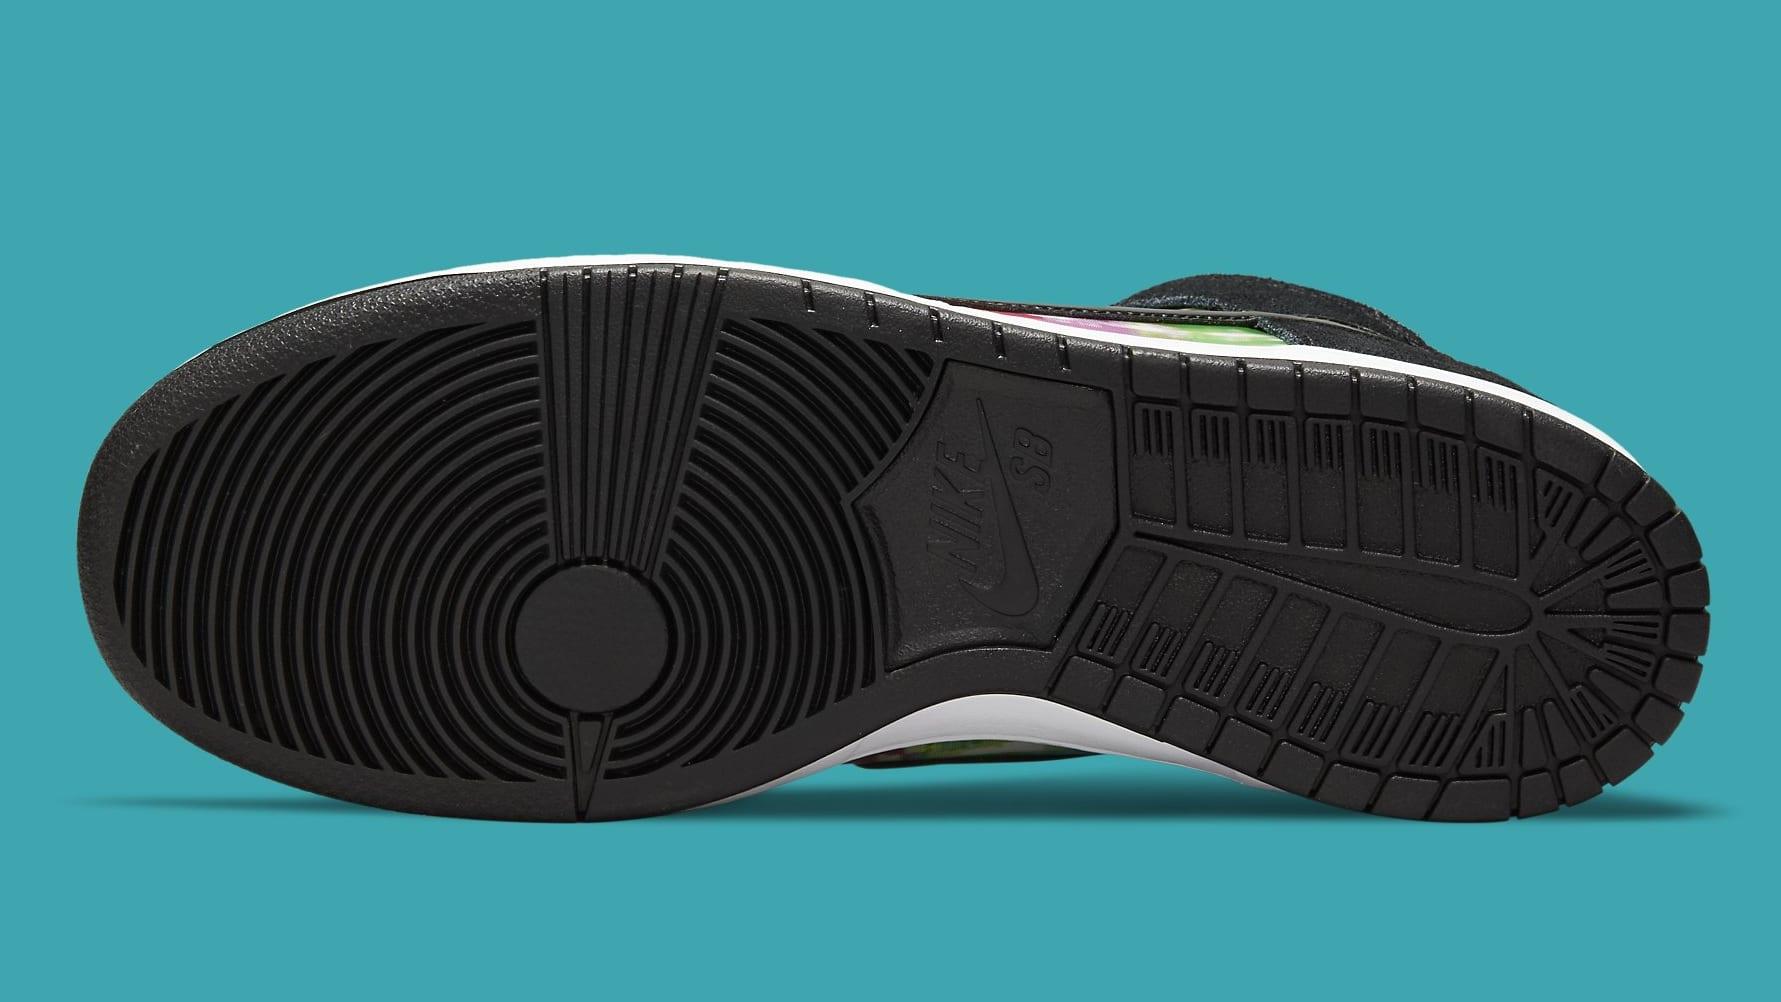 Nike SB Dunk High TV Signal Release Date CZ2253-100 Sole